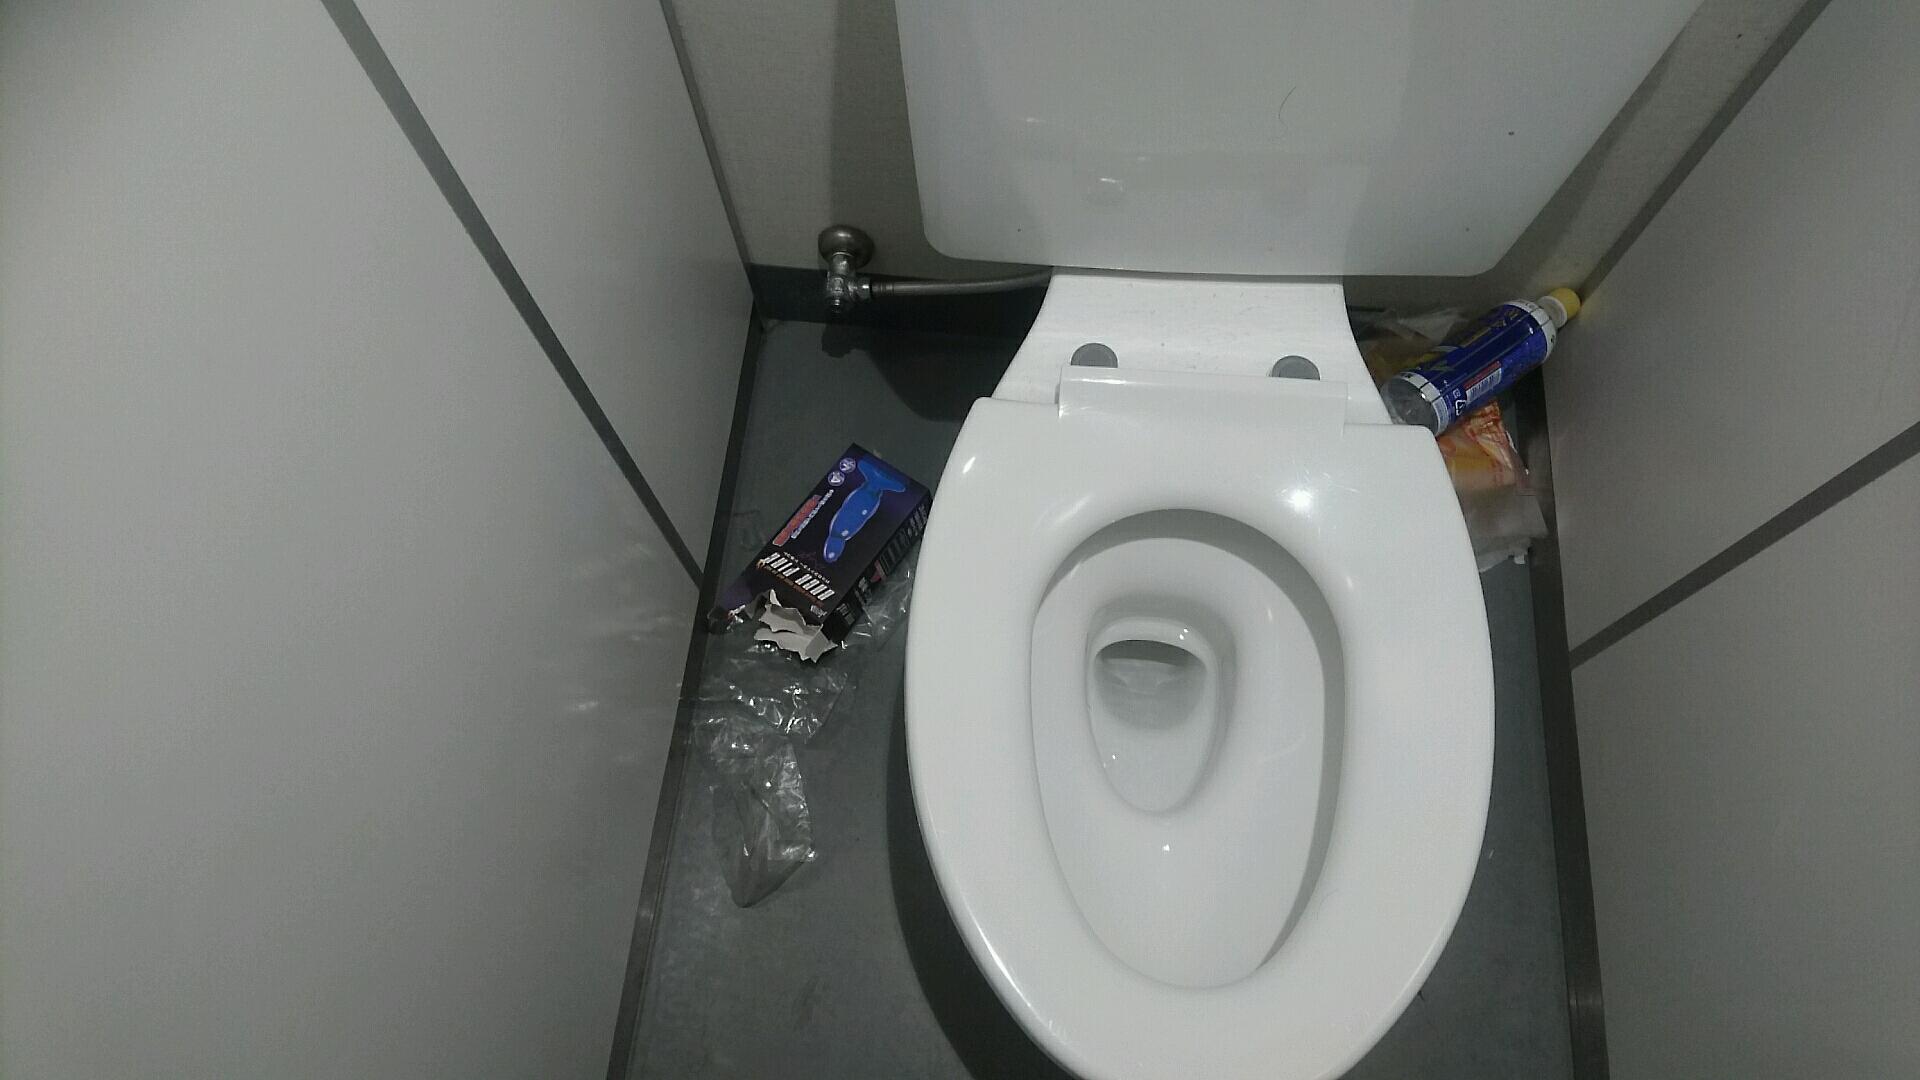 아키바역의 화장실에 터무니 없는게 떨어져 있었..